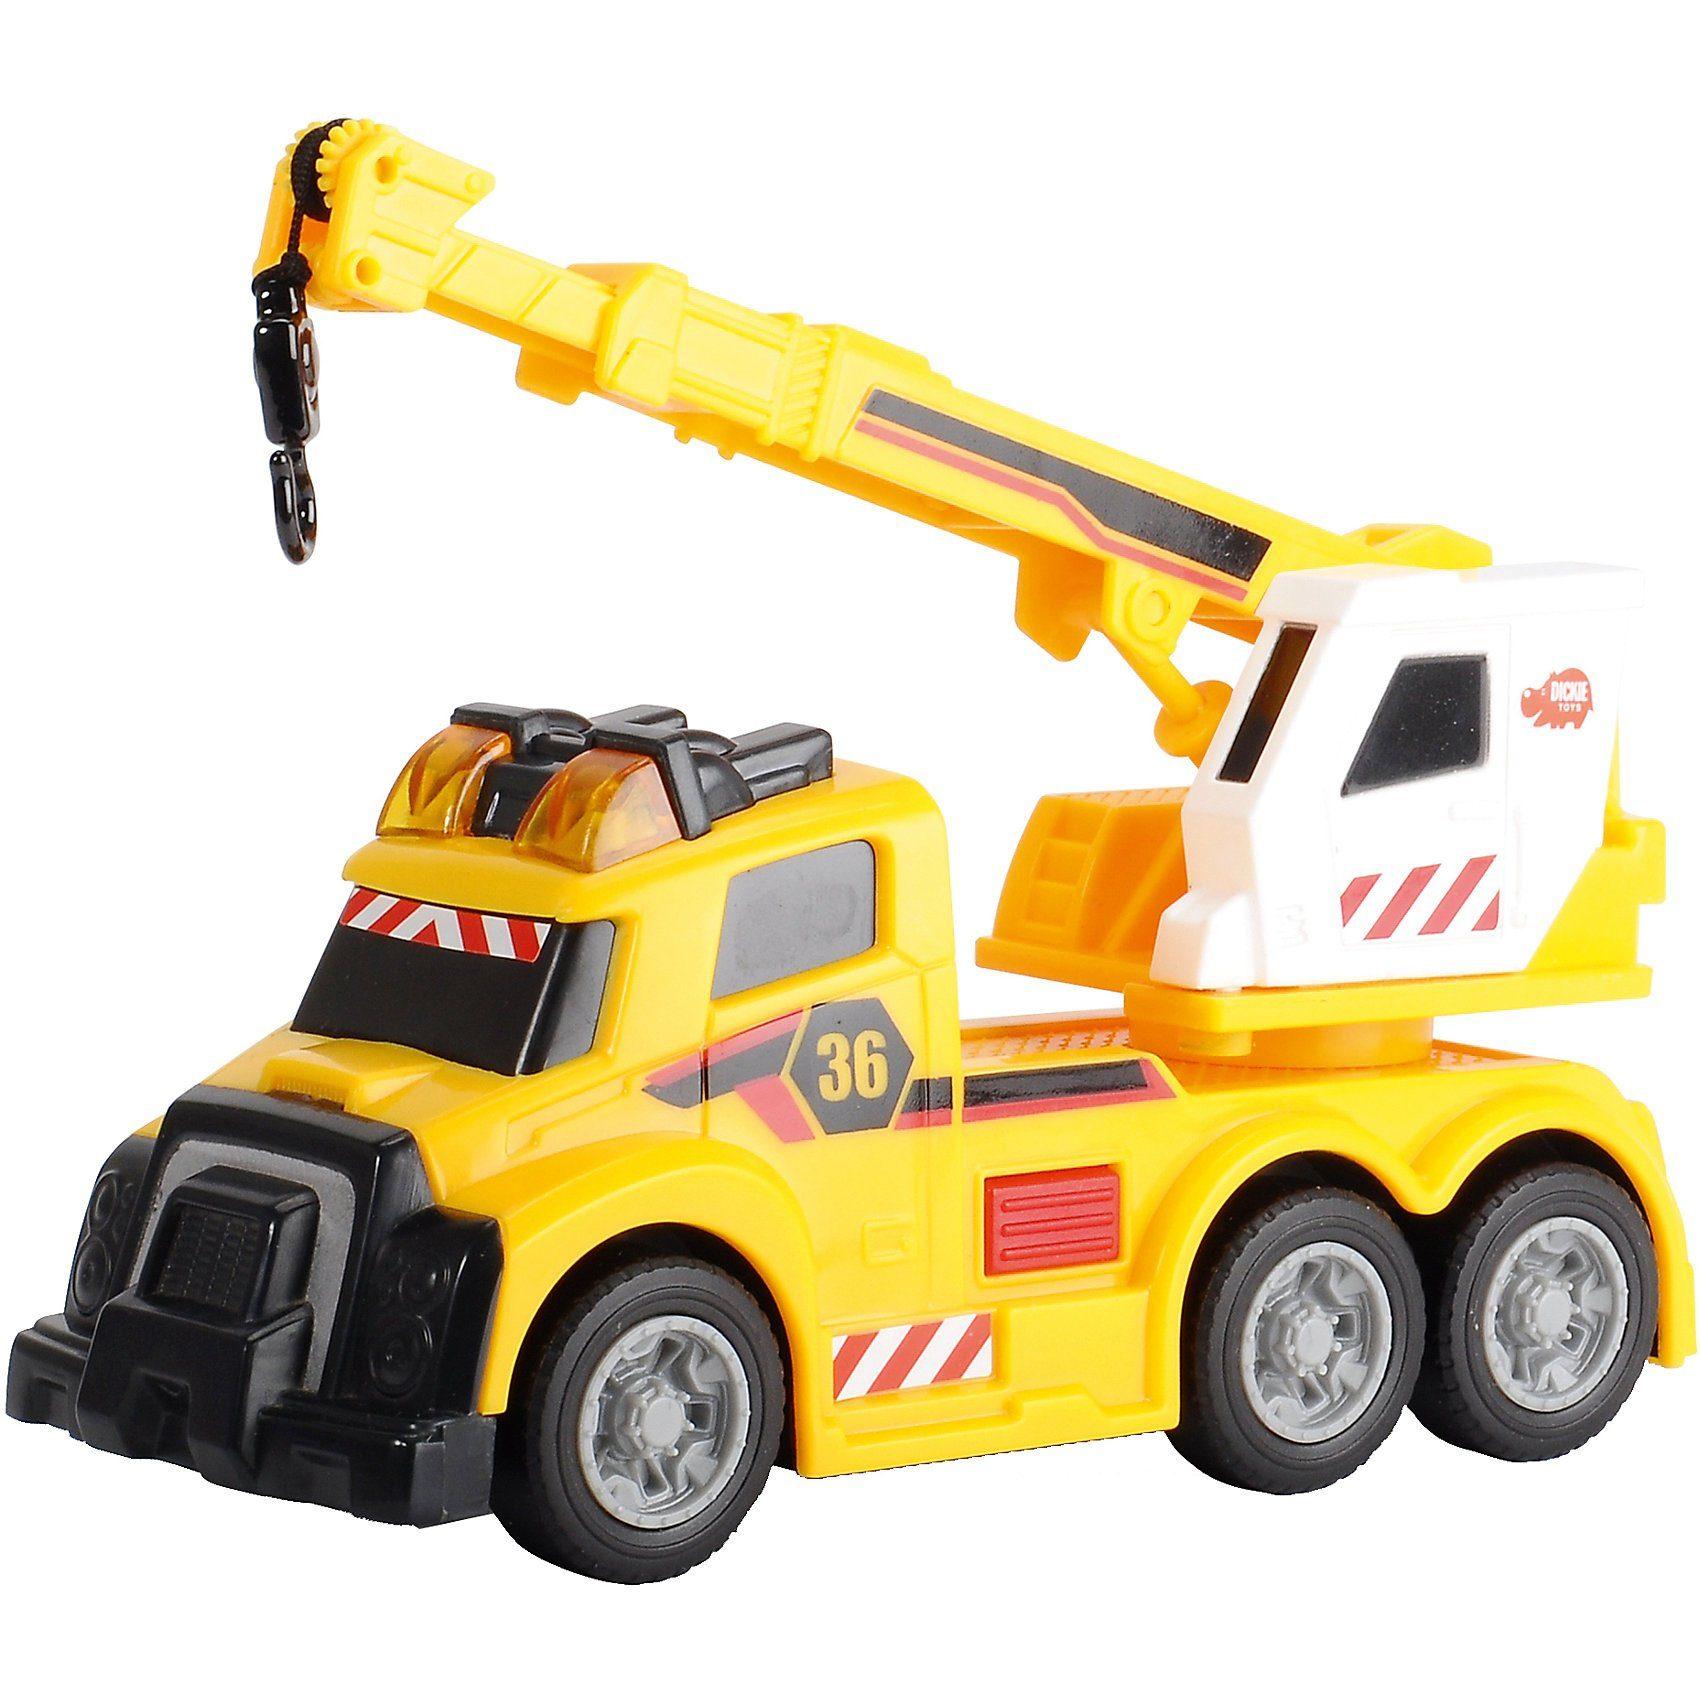 Dickie Toys Mobilkran